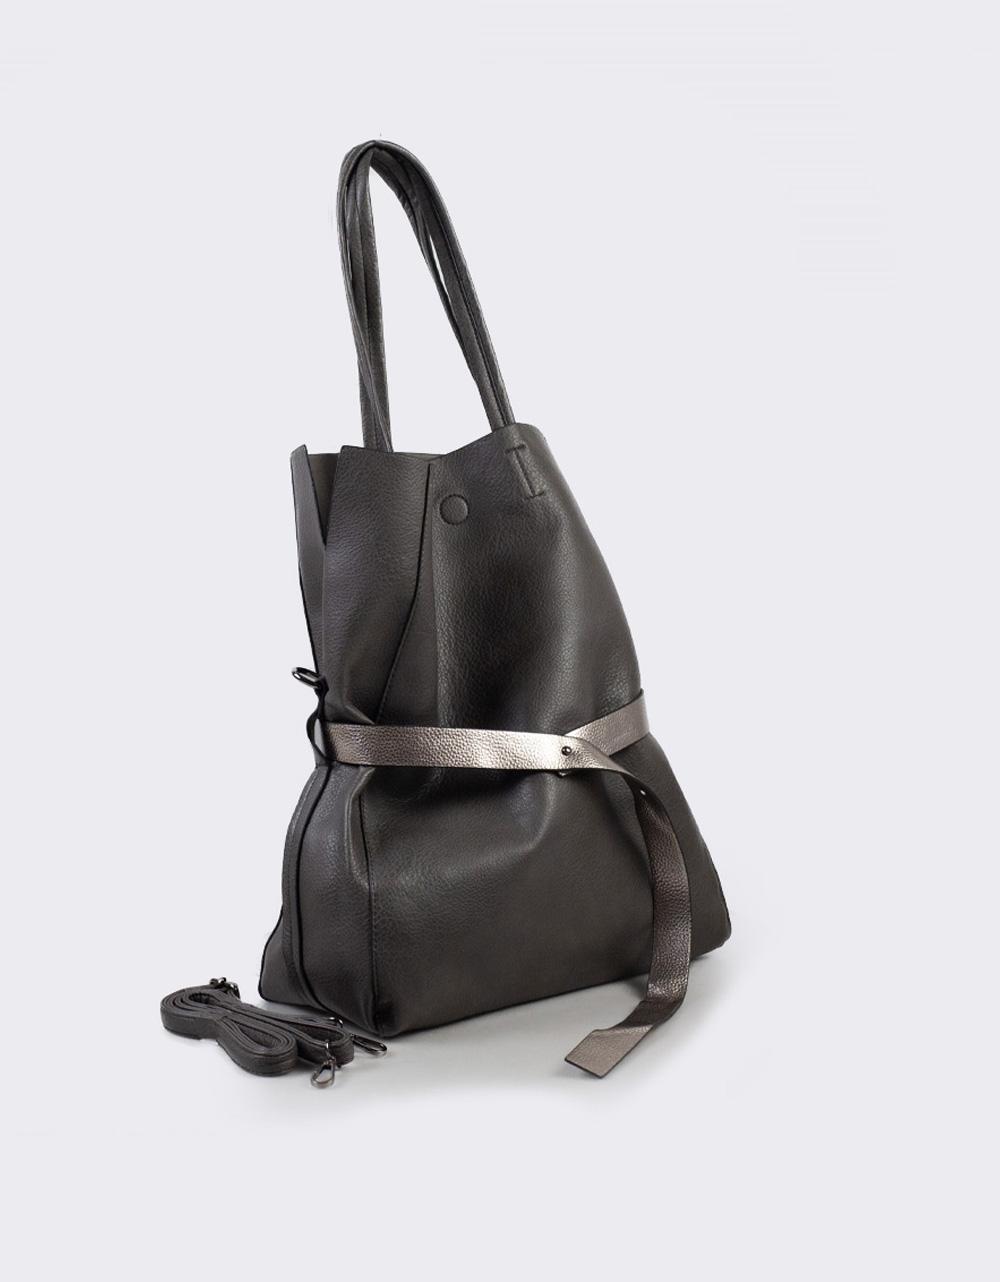 Εικόνα από Γυναικεία τσάντα ώμου με διακοσμητική ζώνη Γκρι